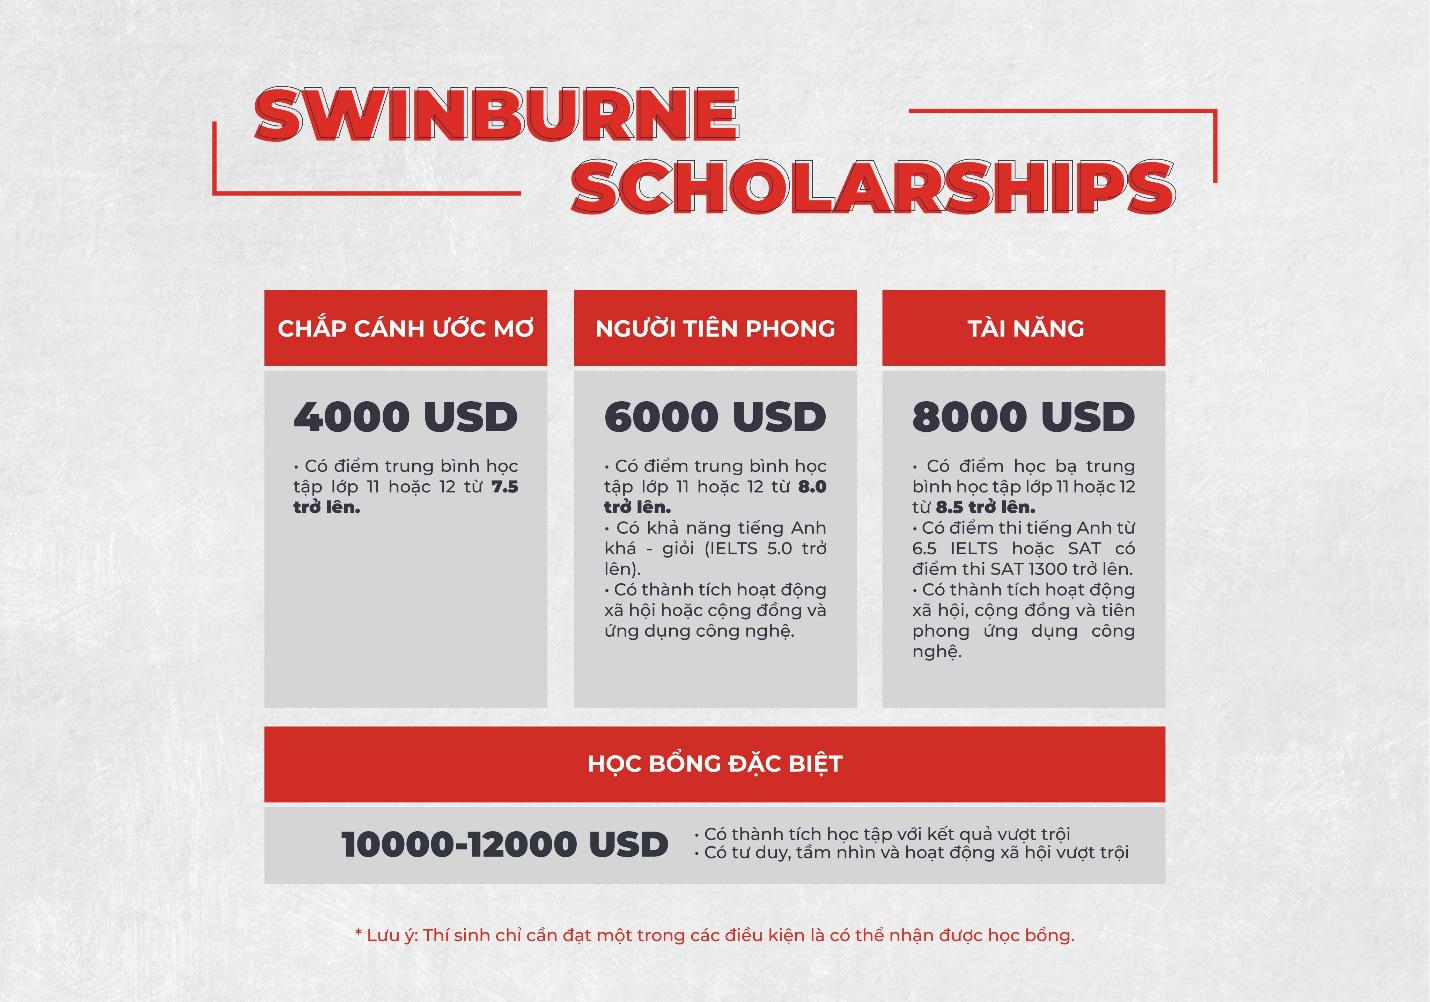 """Tại sao học bổng của Swinburne lại có tên là """"Thắp sáng tương lai""""? - Ảnh 3."""